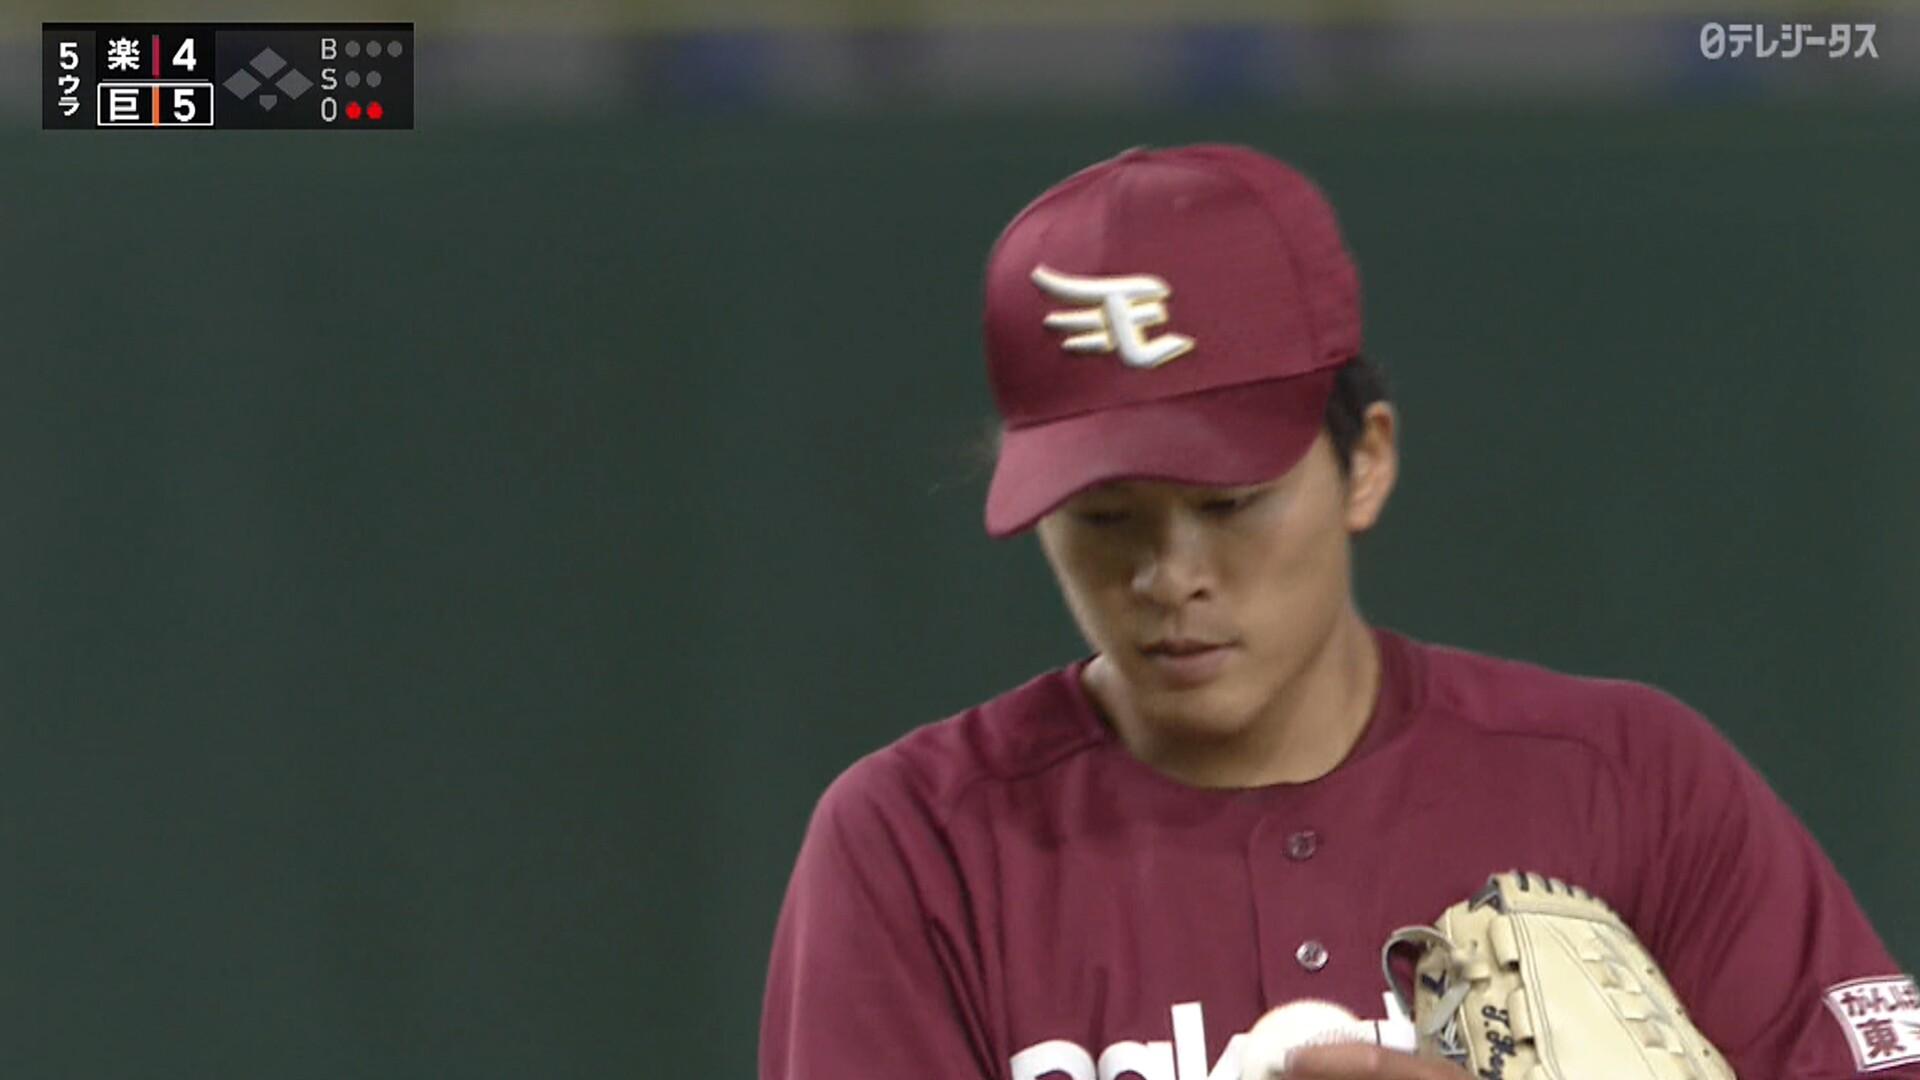 楽天・早川、また炎上… 5回途中5失点で降板